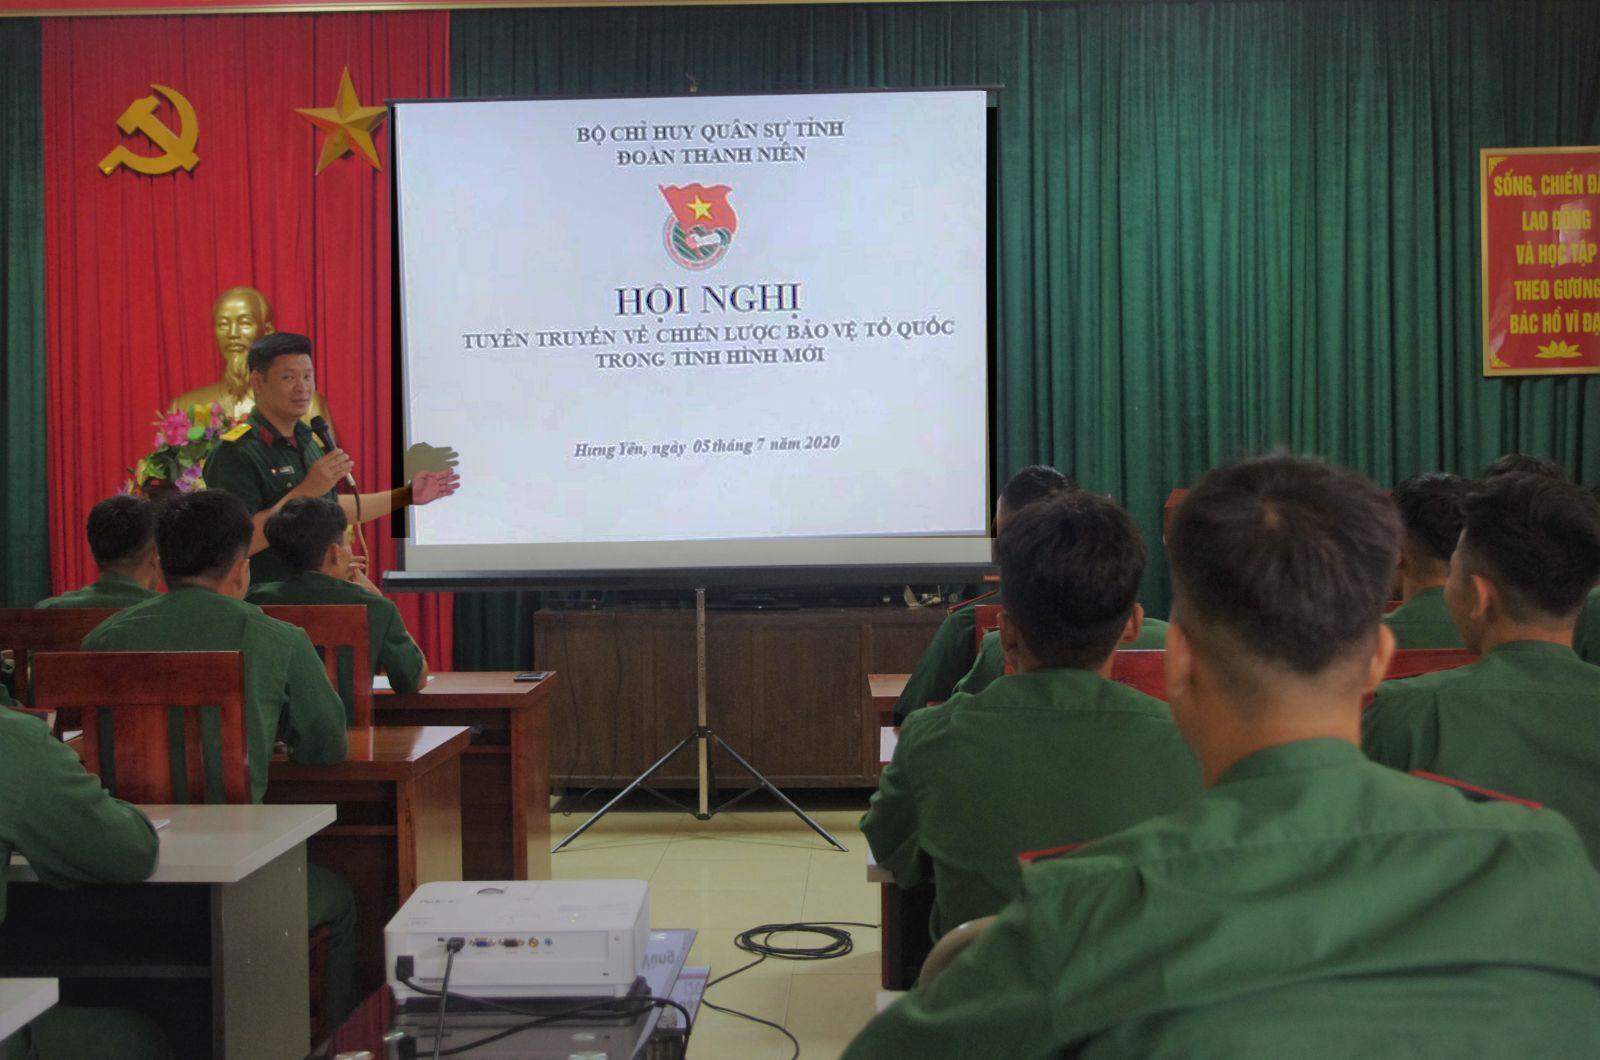 Đoàn Thanh niên Bộ CHQS tỉnh tổ chức Hội nghị tuyên truyền tổ chức Hội nghị tuyên truyền Chiến lược bảo vệ Tổ quốc trong tình hình mới